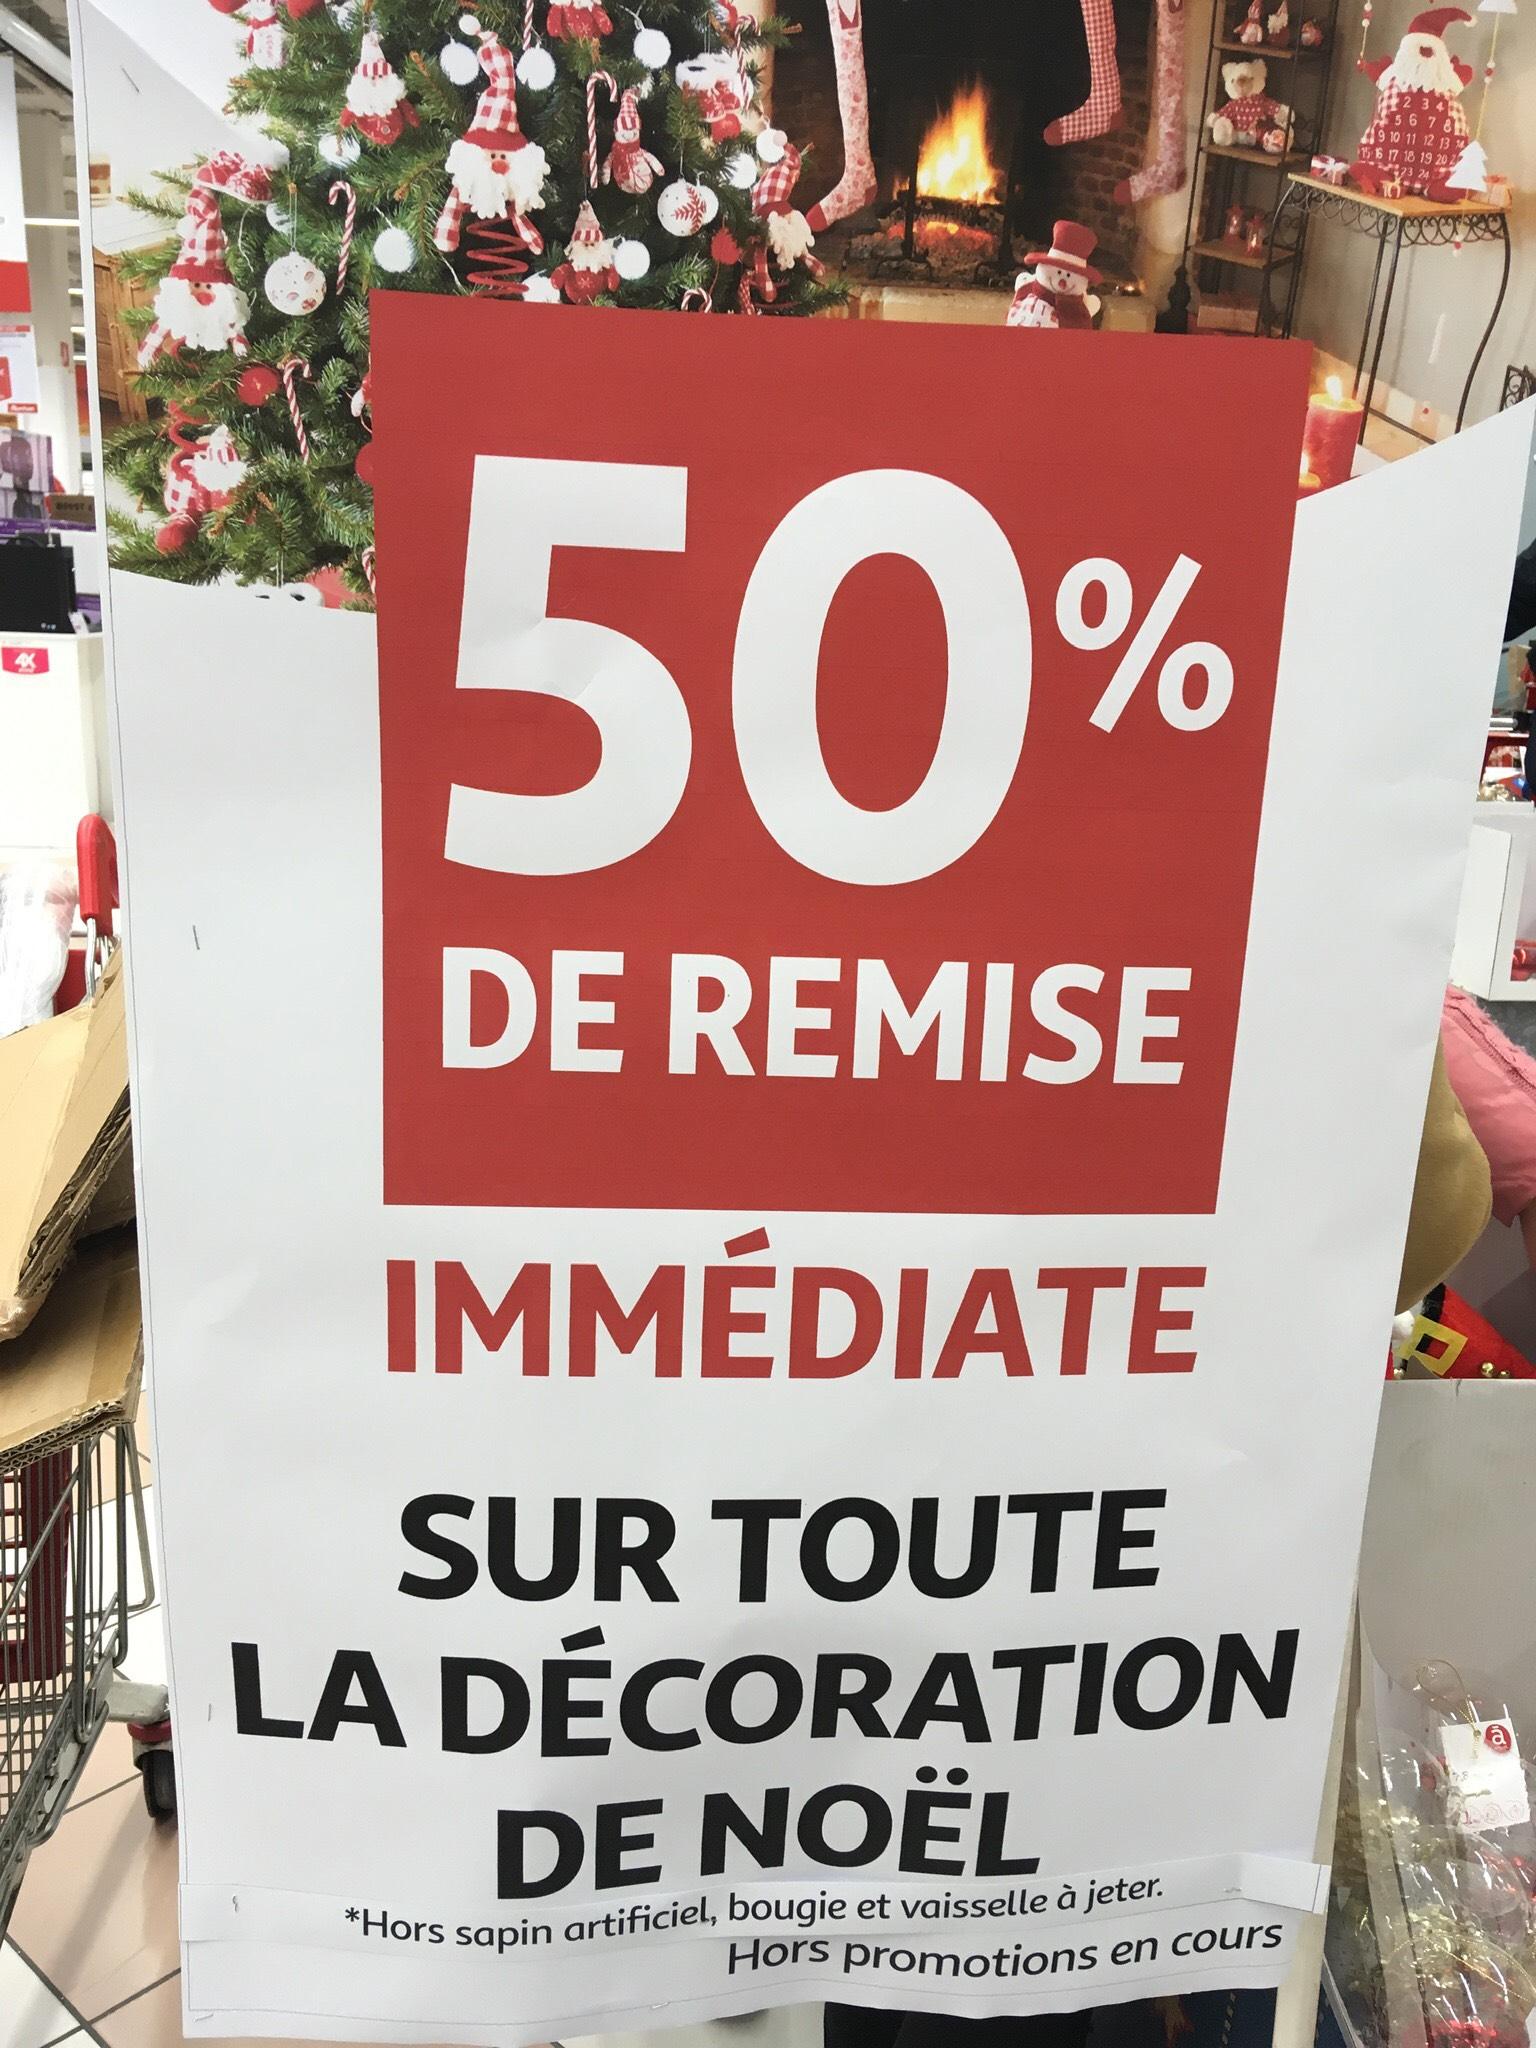 50 Réduction Sur Les Décorations De Noel Hors Sapins